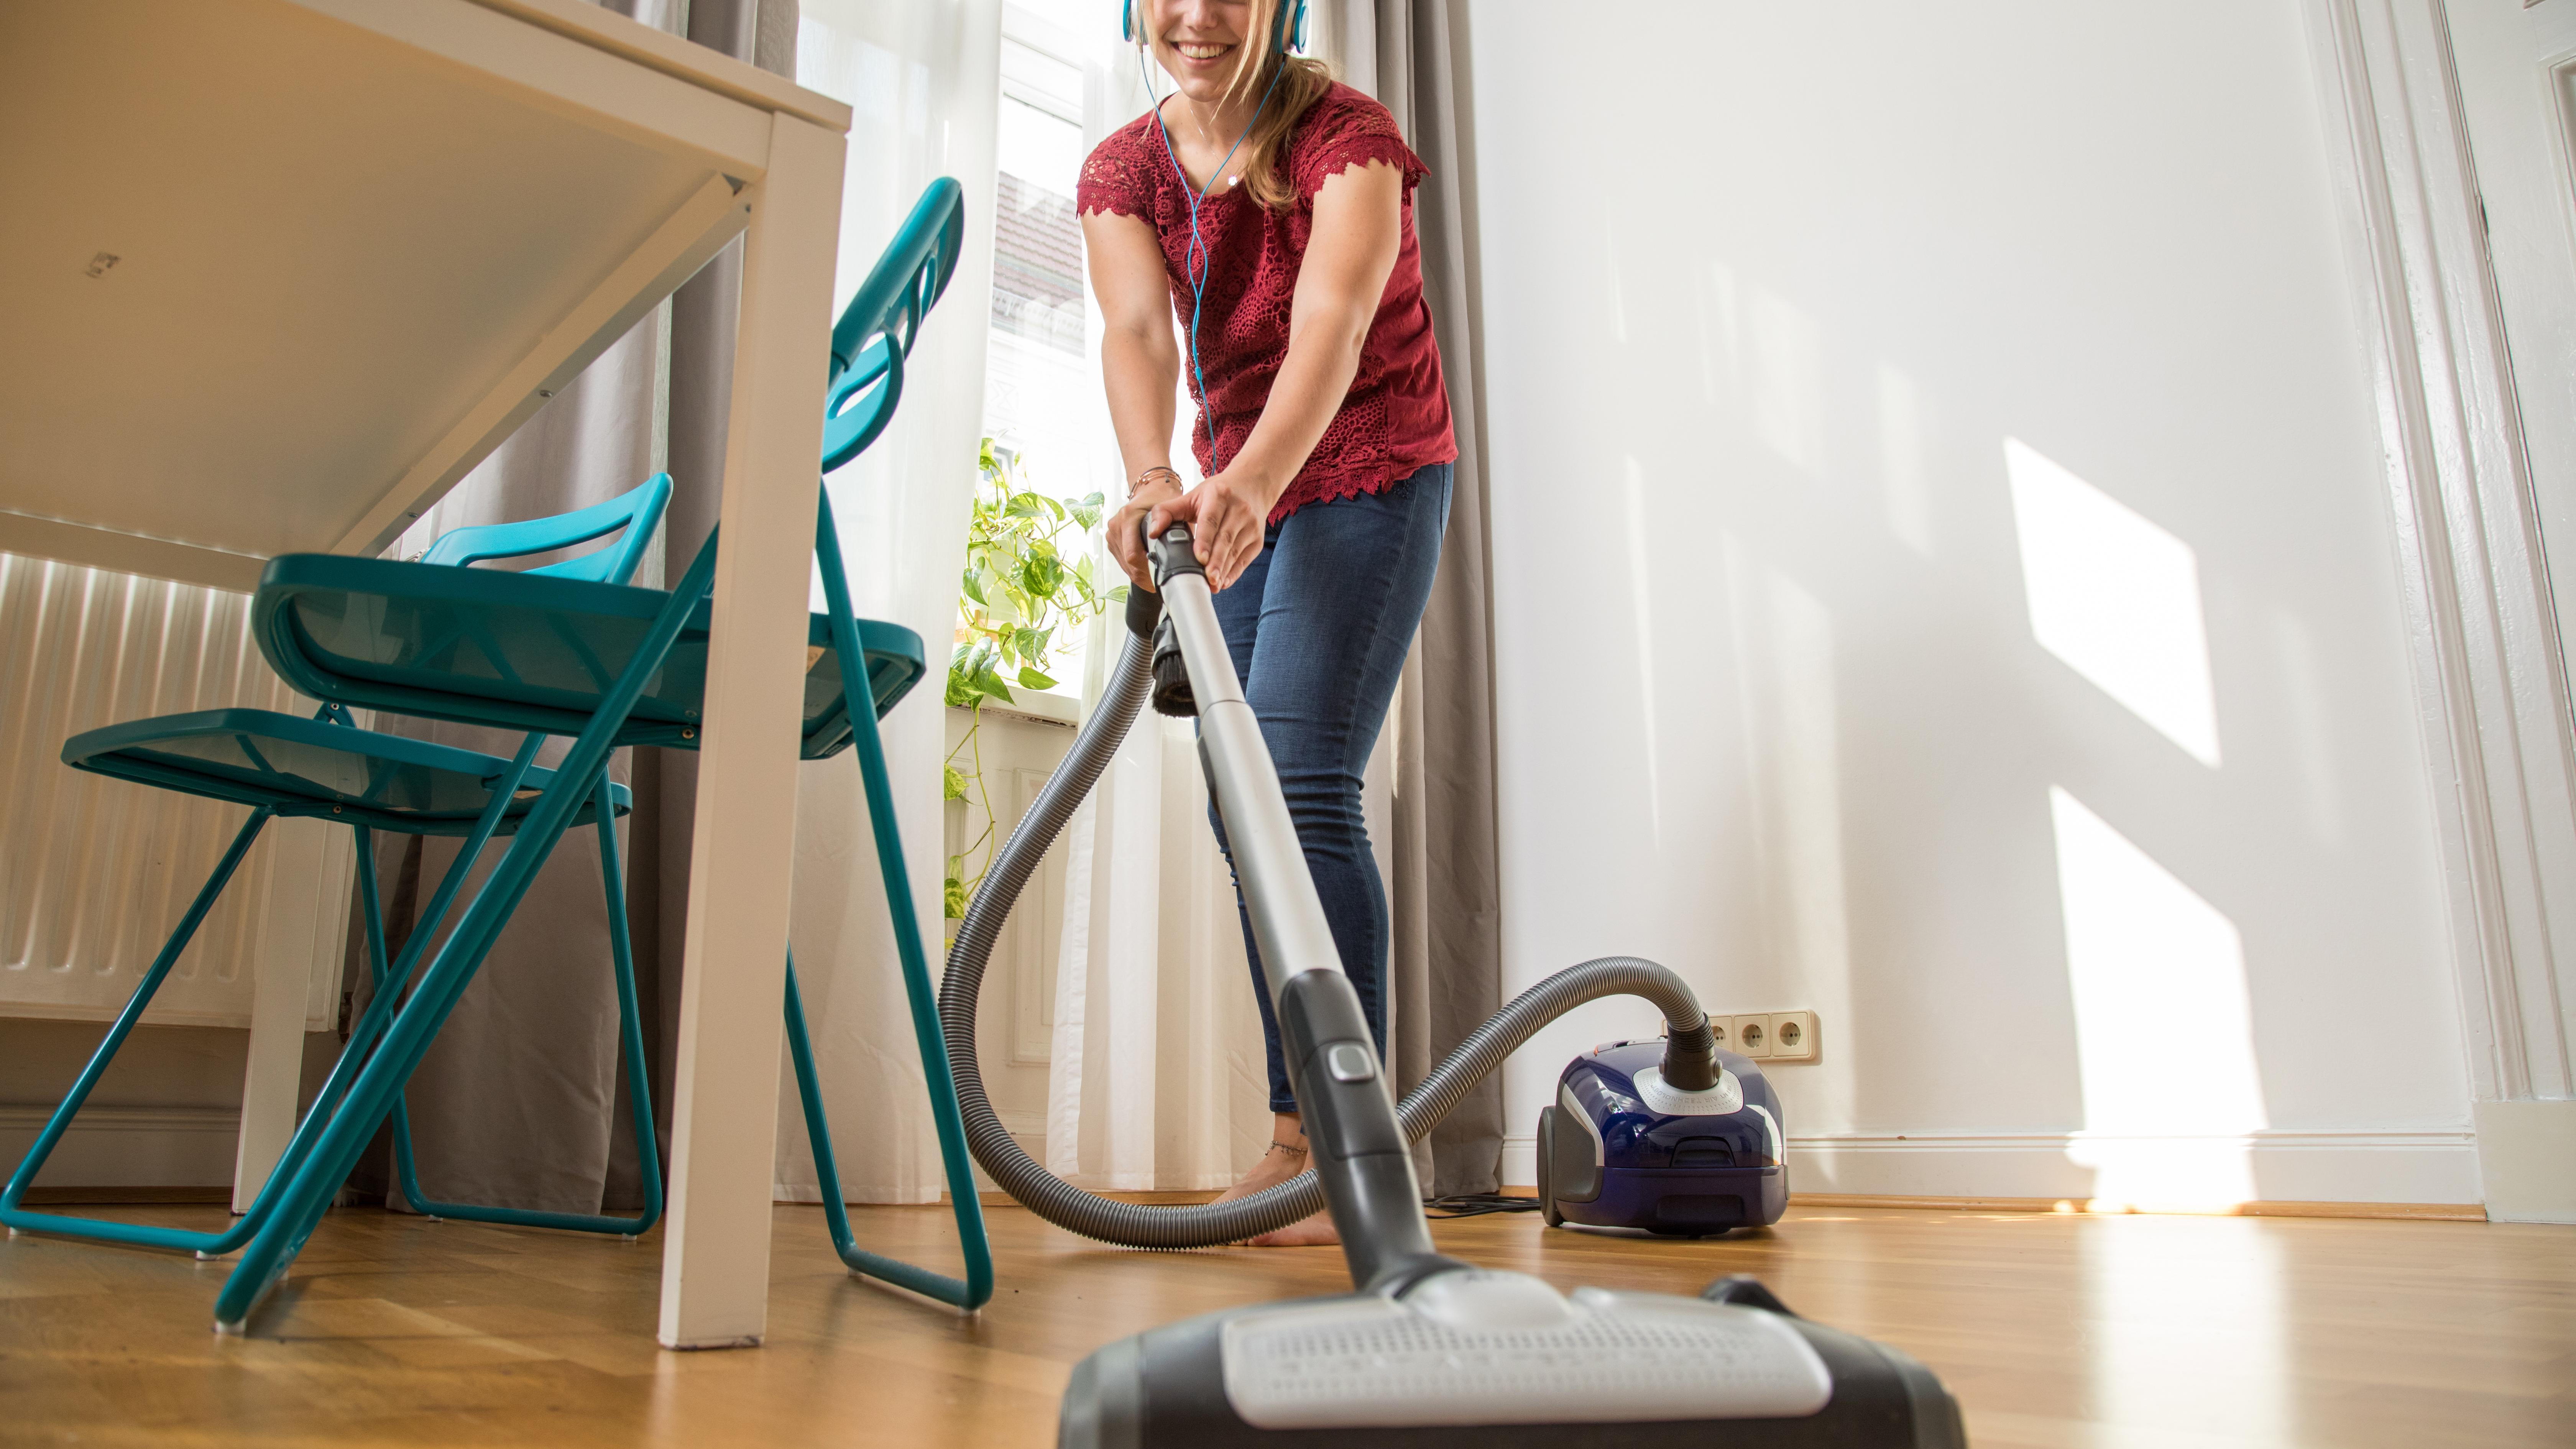 Statt nass zu wischen kann auch den Boden saugen ad hoc helfen.